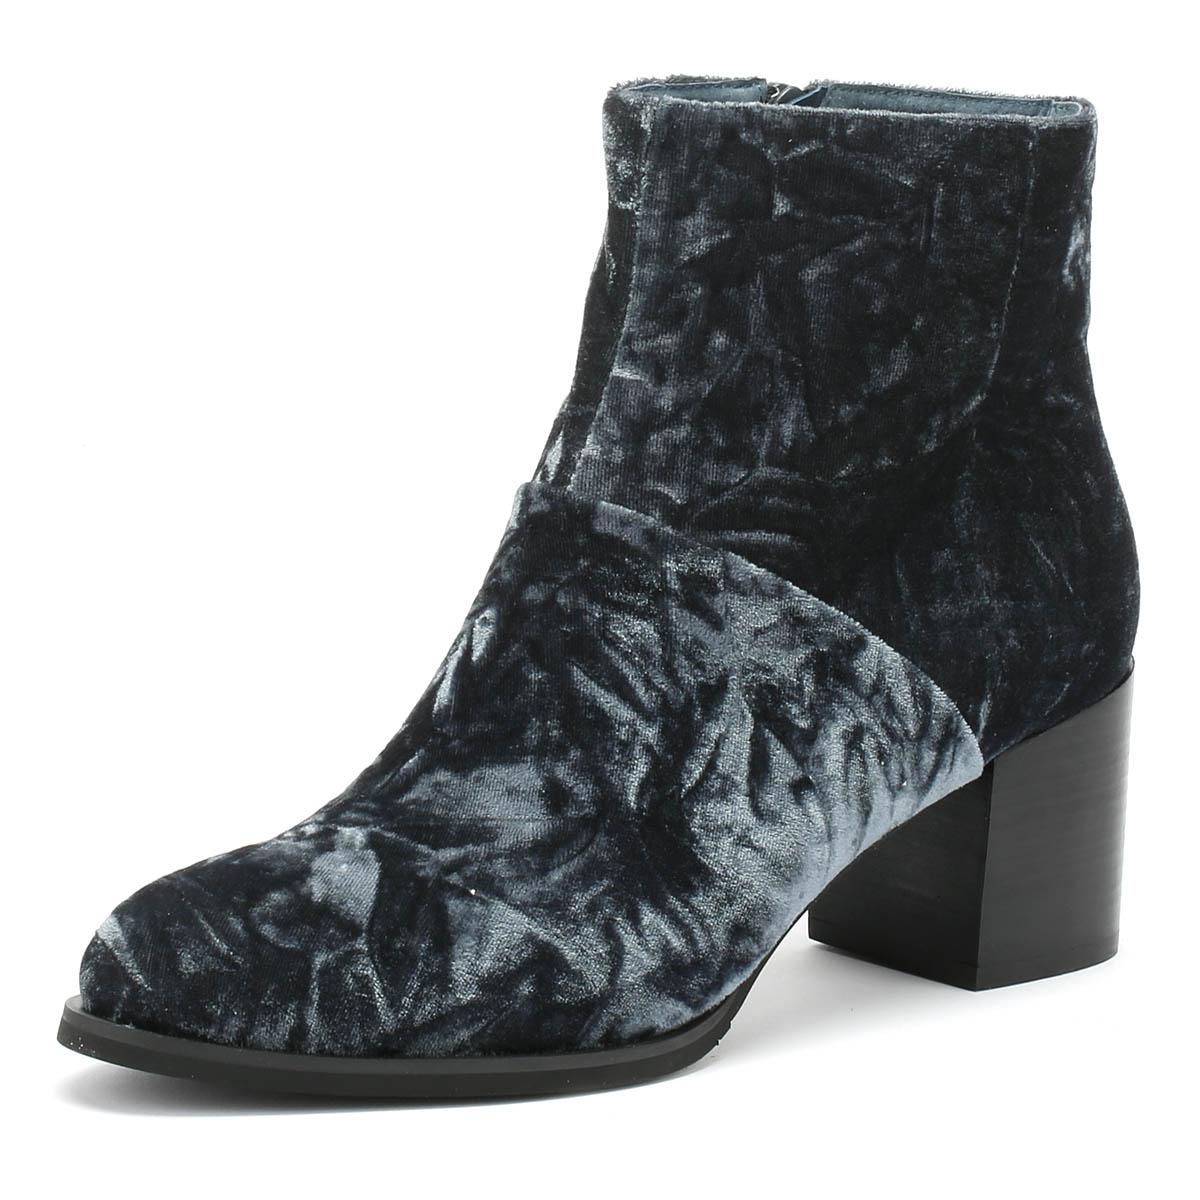 Shoe The Bear Ceci Pour Femme Bottes Gris Foncé Velours Talon Moyen Hiver Cheville Chaussures-afficher Le Titre D'origine La DernièRe Mode